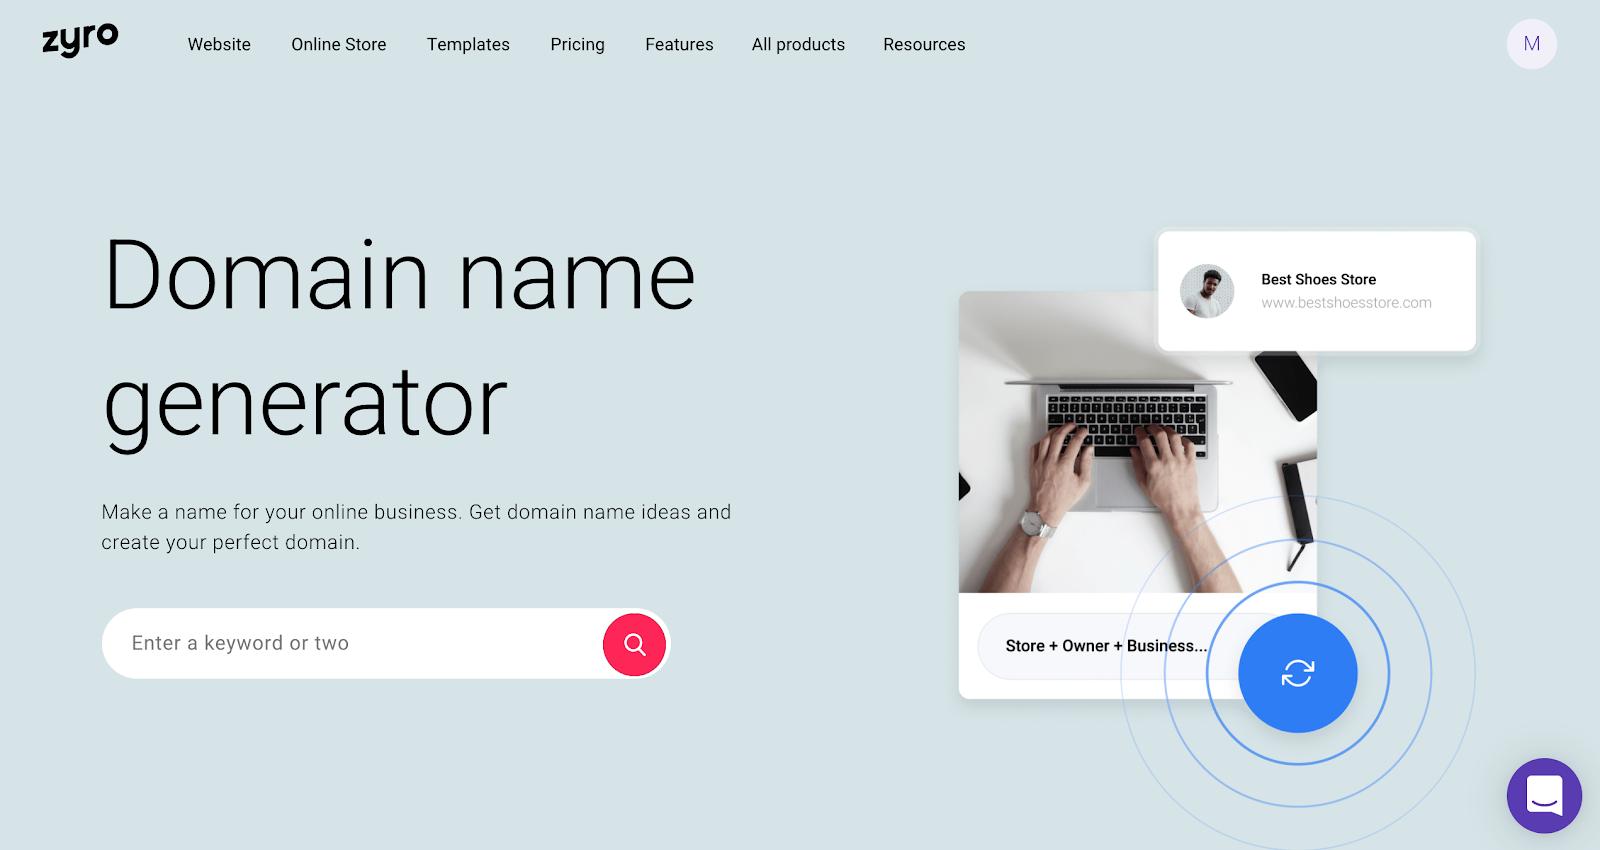 Zyro's domain name generator landing page